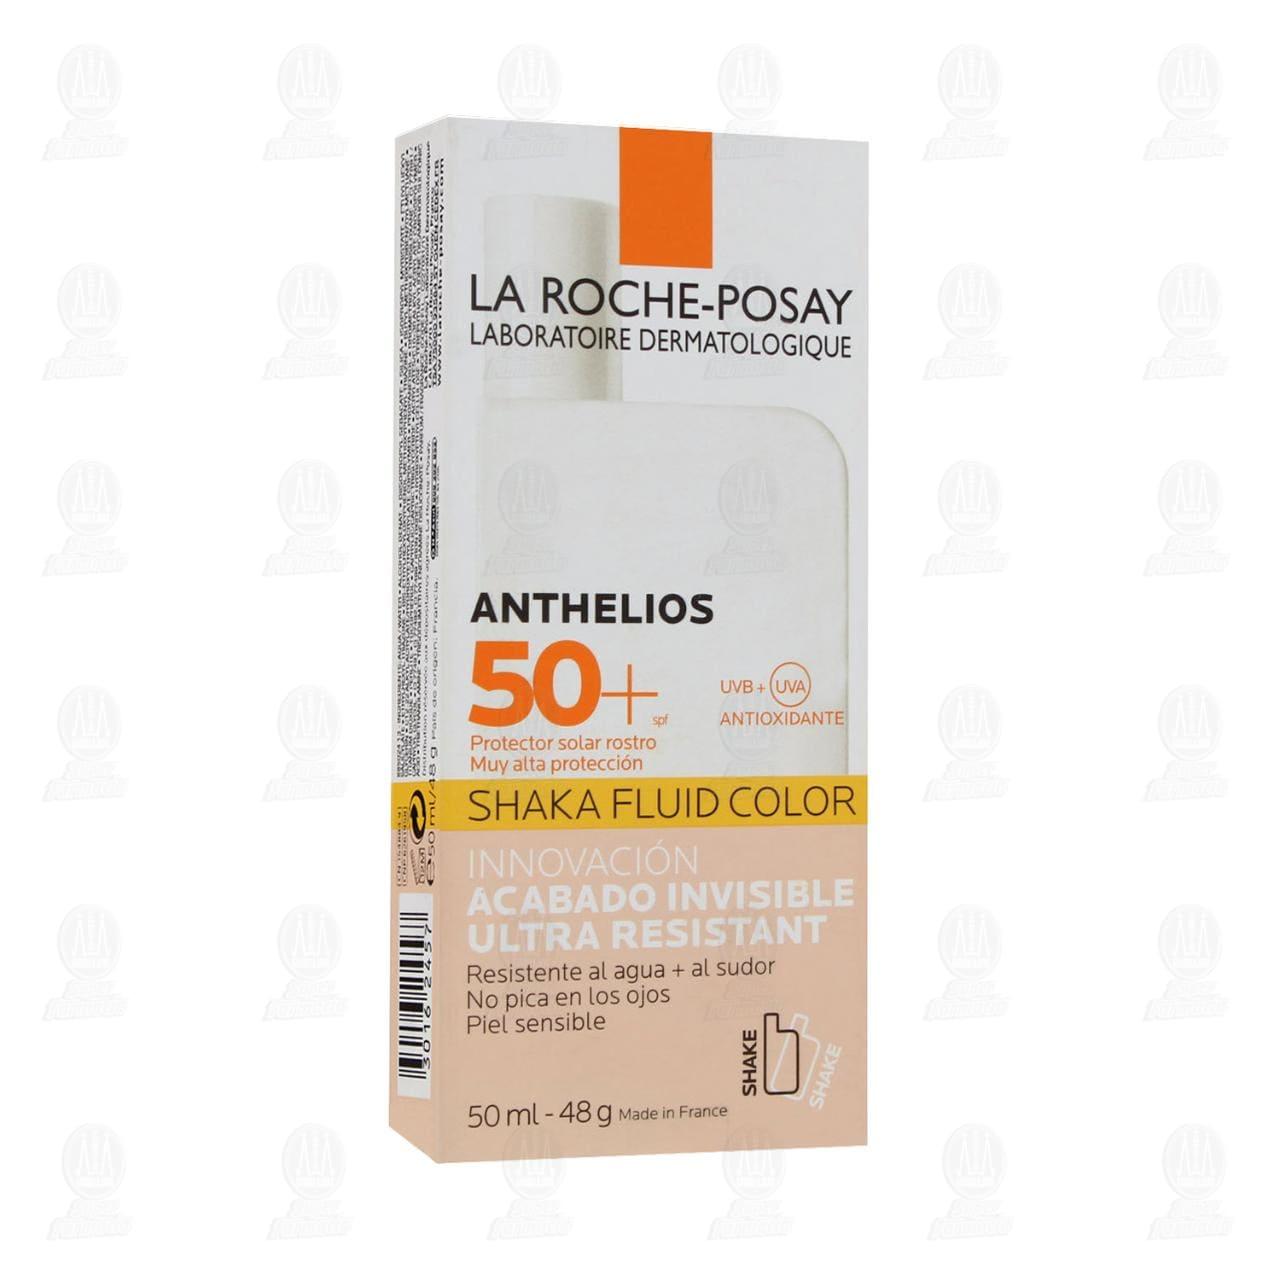 comprar https://www.movil.farmaciasguadalajara.com/wcsstore/FGCAS/wcs/products/1331469_A_1280_AL.jpg en farmacias guadalajara